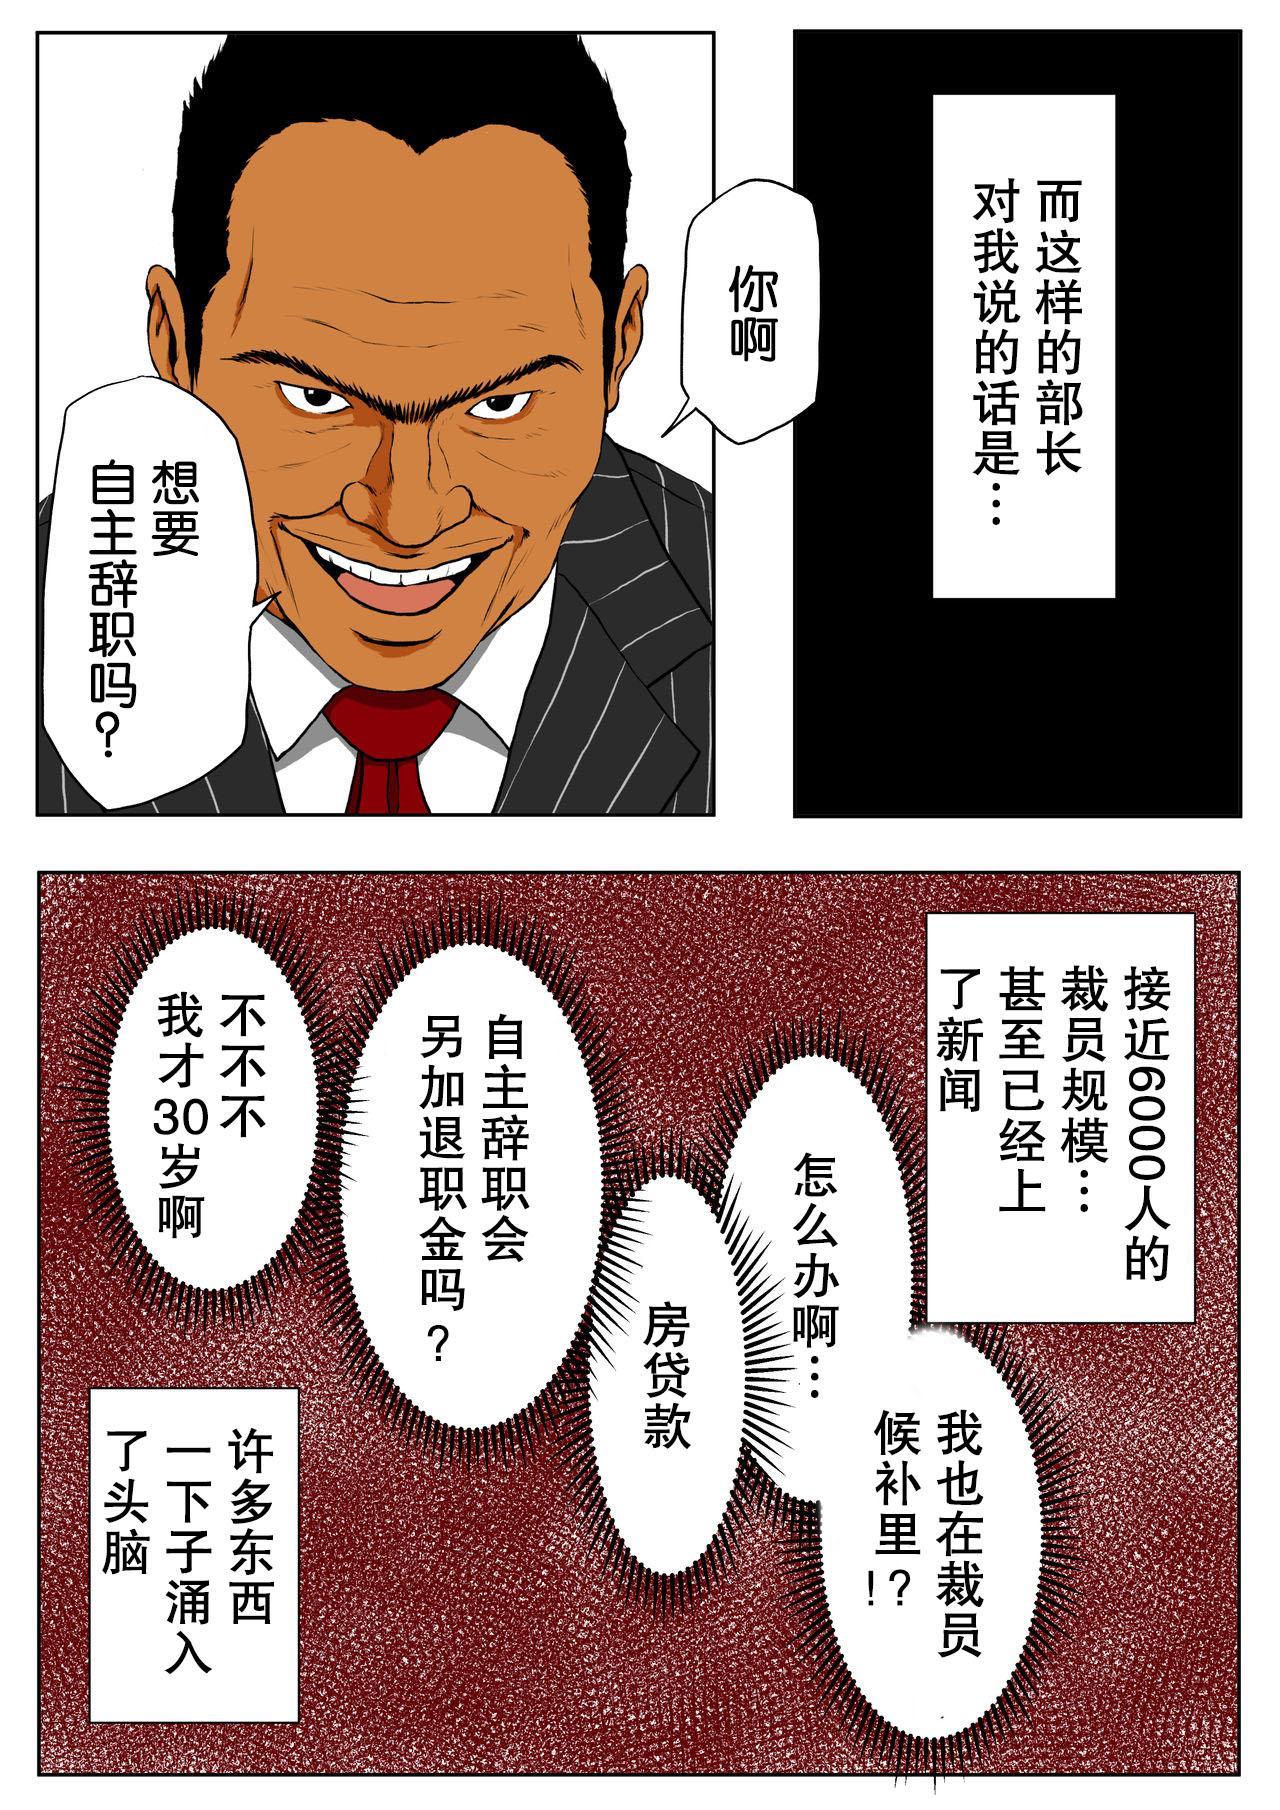 [W no Honnou] Shin, Boku no Tsuma to Kyokon no Moto AV Danyuu Buchou[Chinese]【不可视汉化】 9